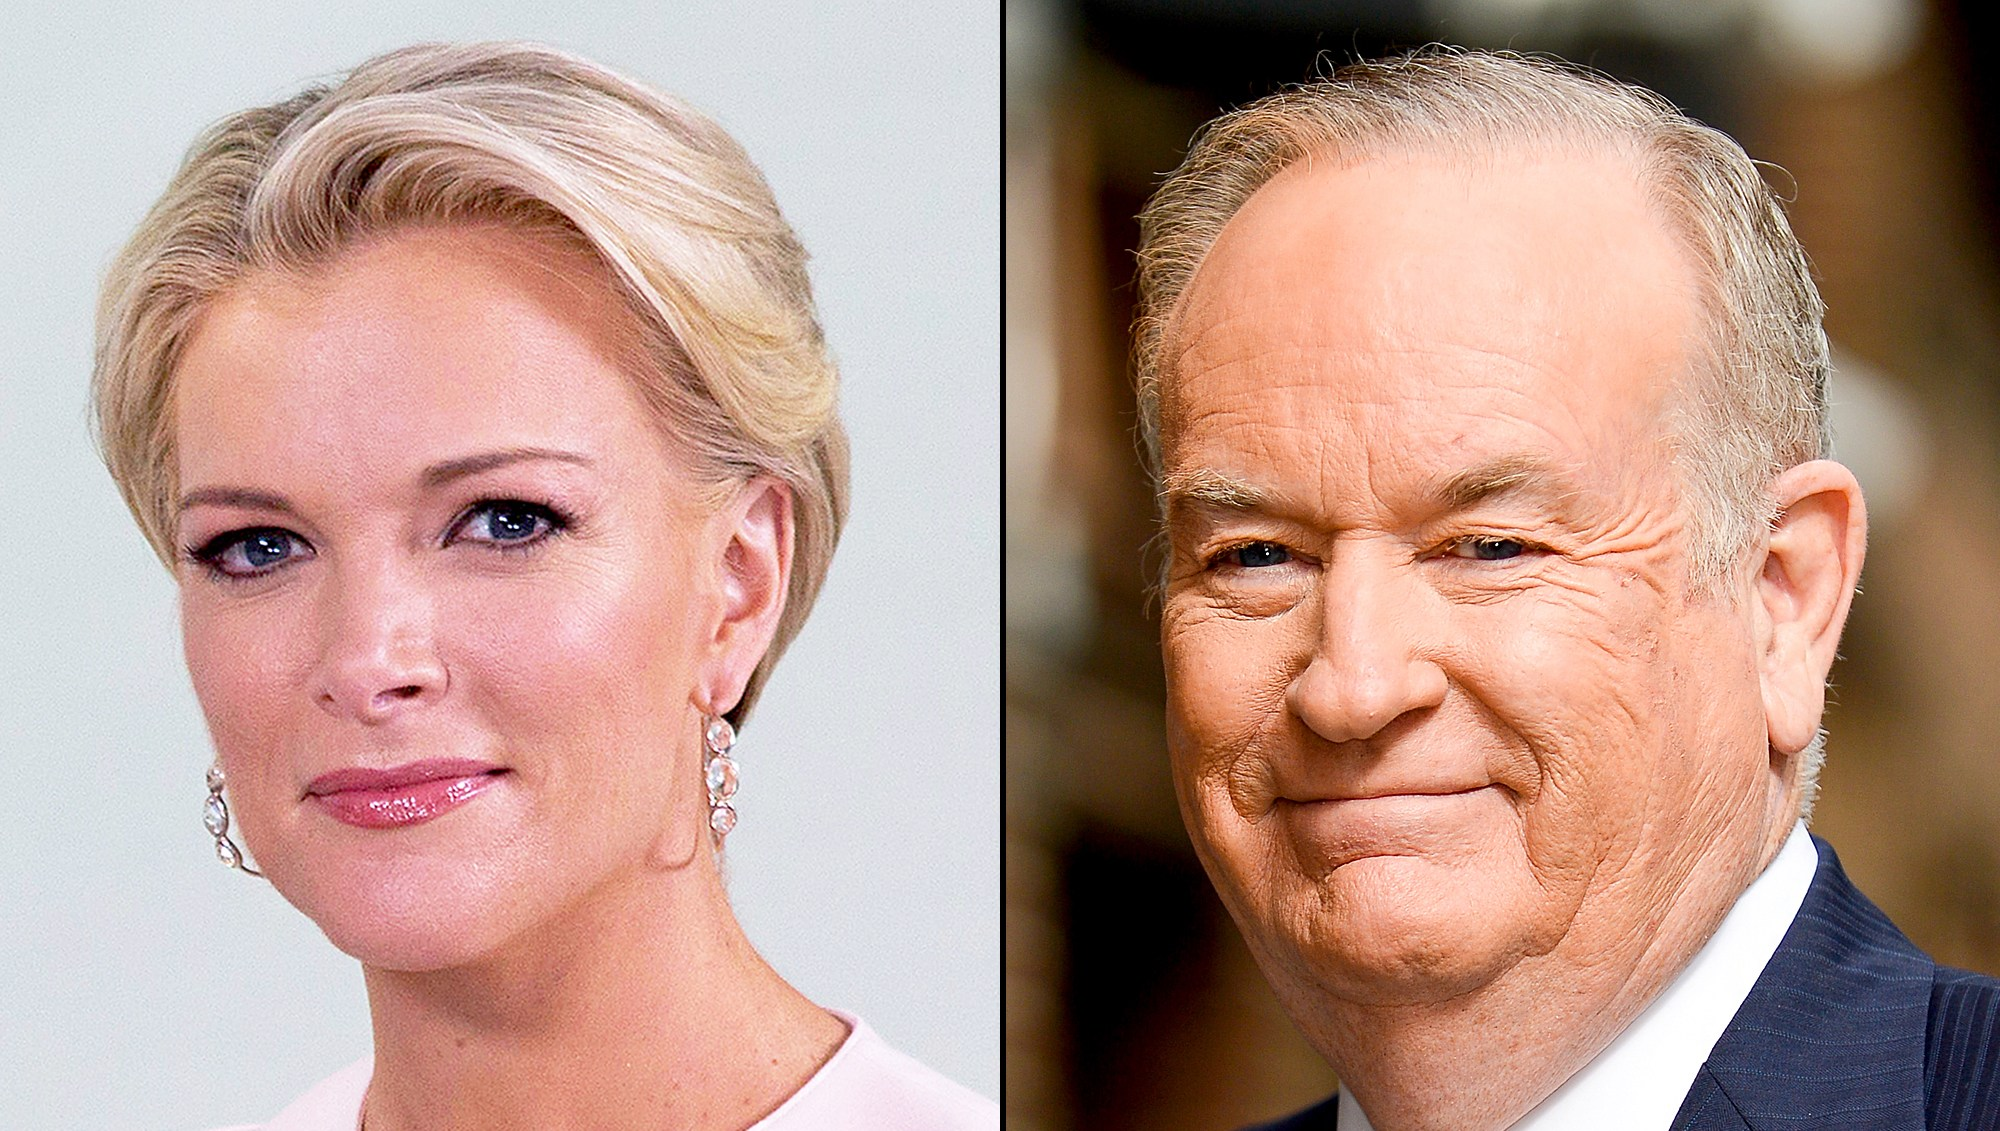 Megyn Kelly and Bill O'Reilly